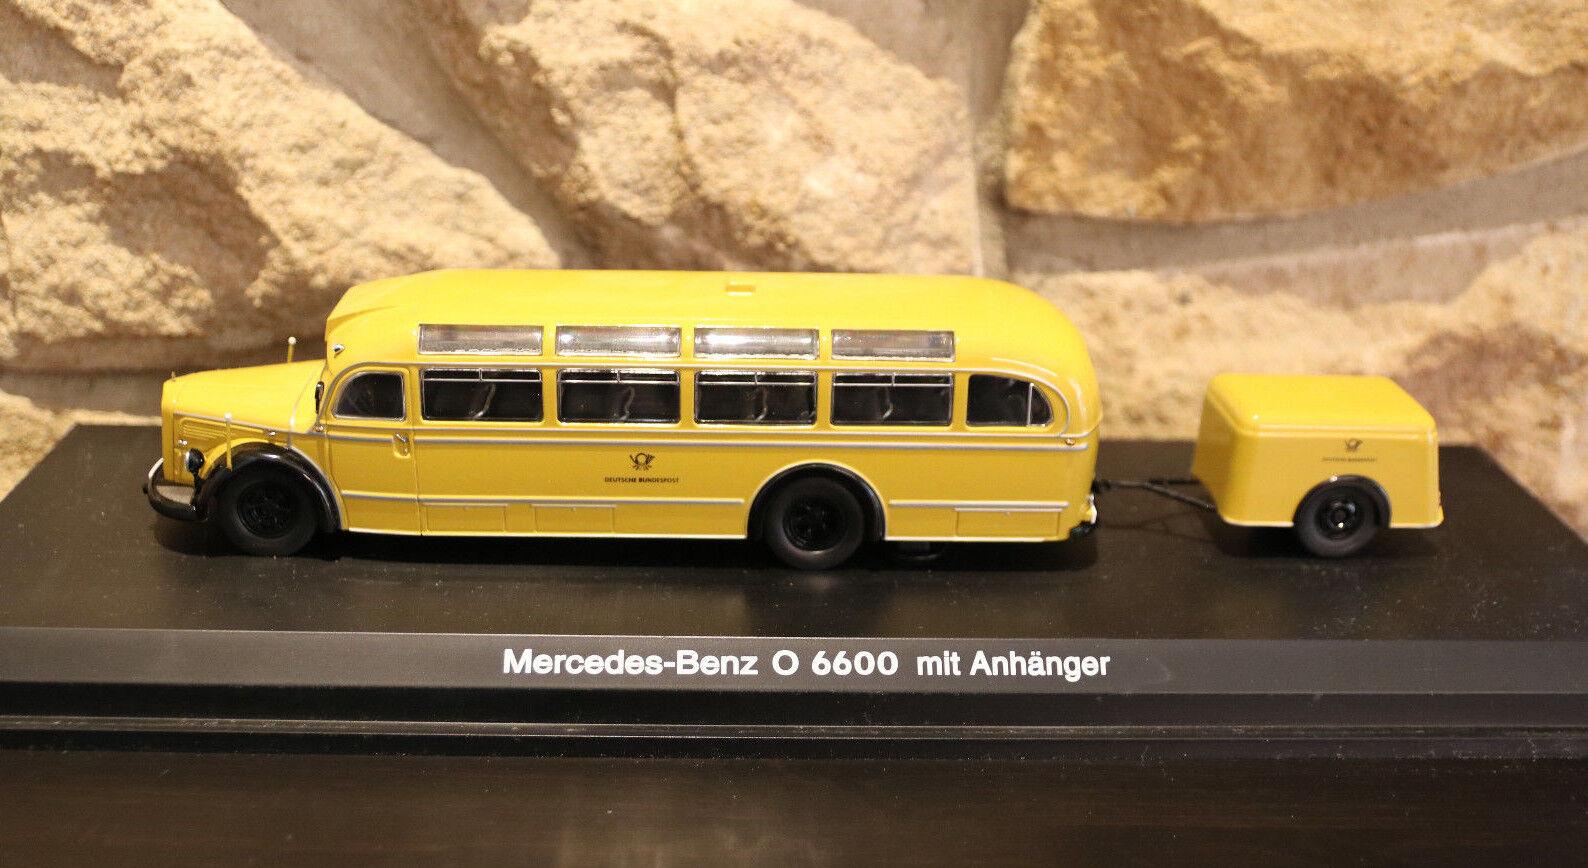 Schuco Deutsche Bundespost Mercedes-Benz O 6600 with trailer 1 43 OVP